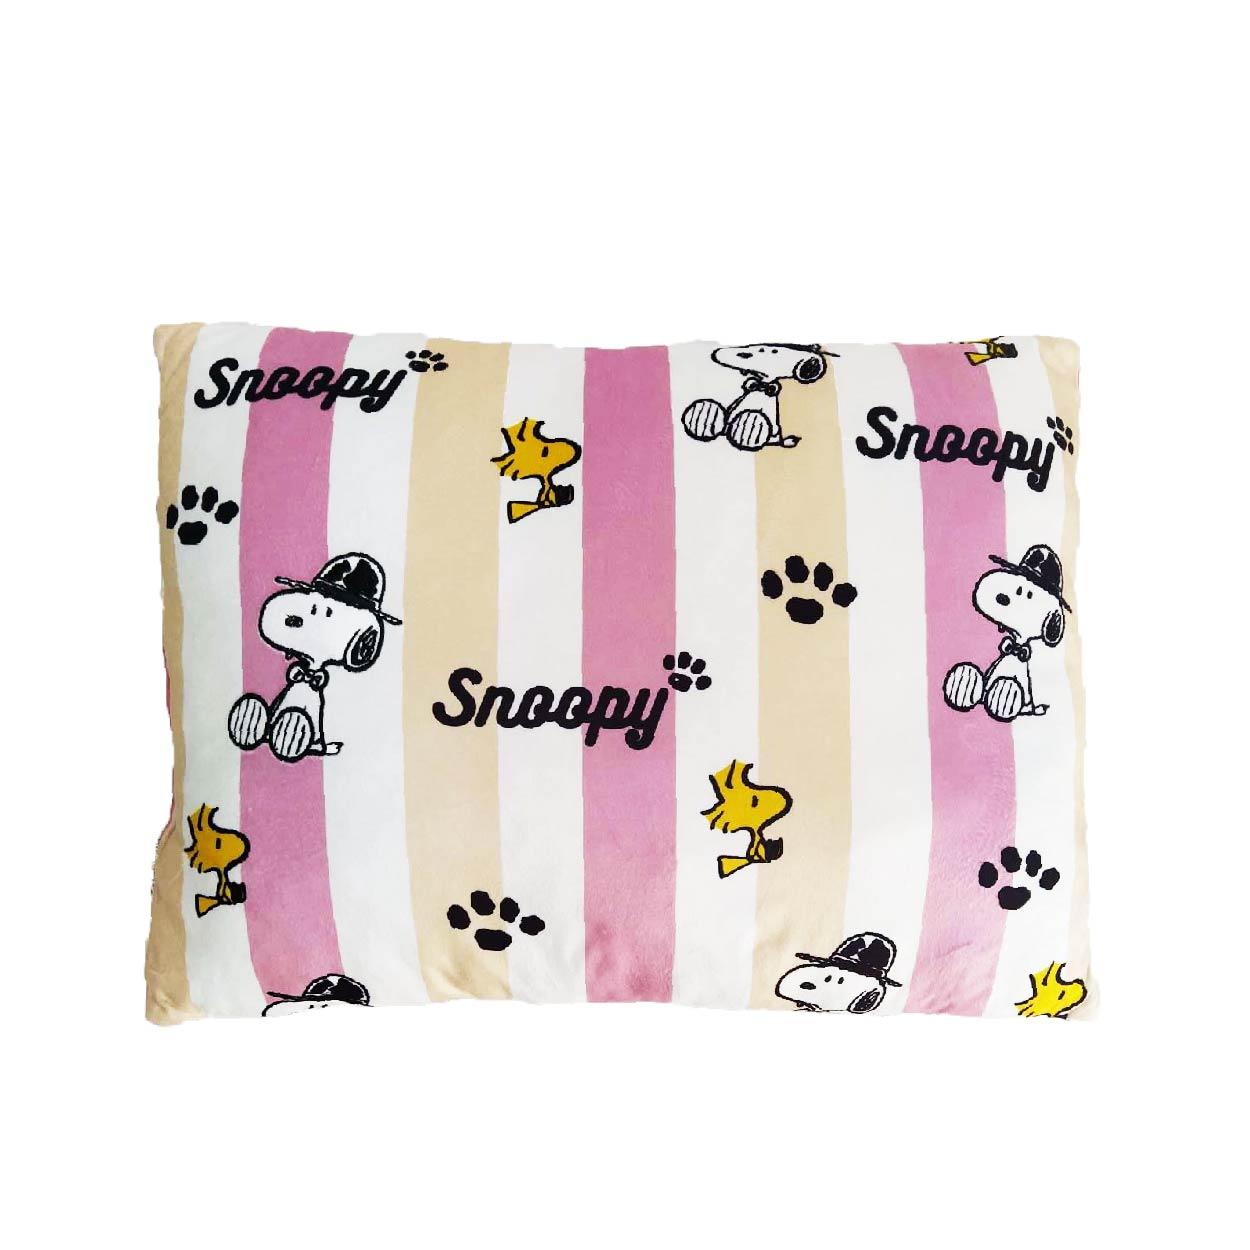 Gối chữ nhật Snoopy chính hãng